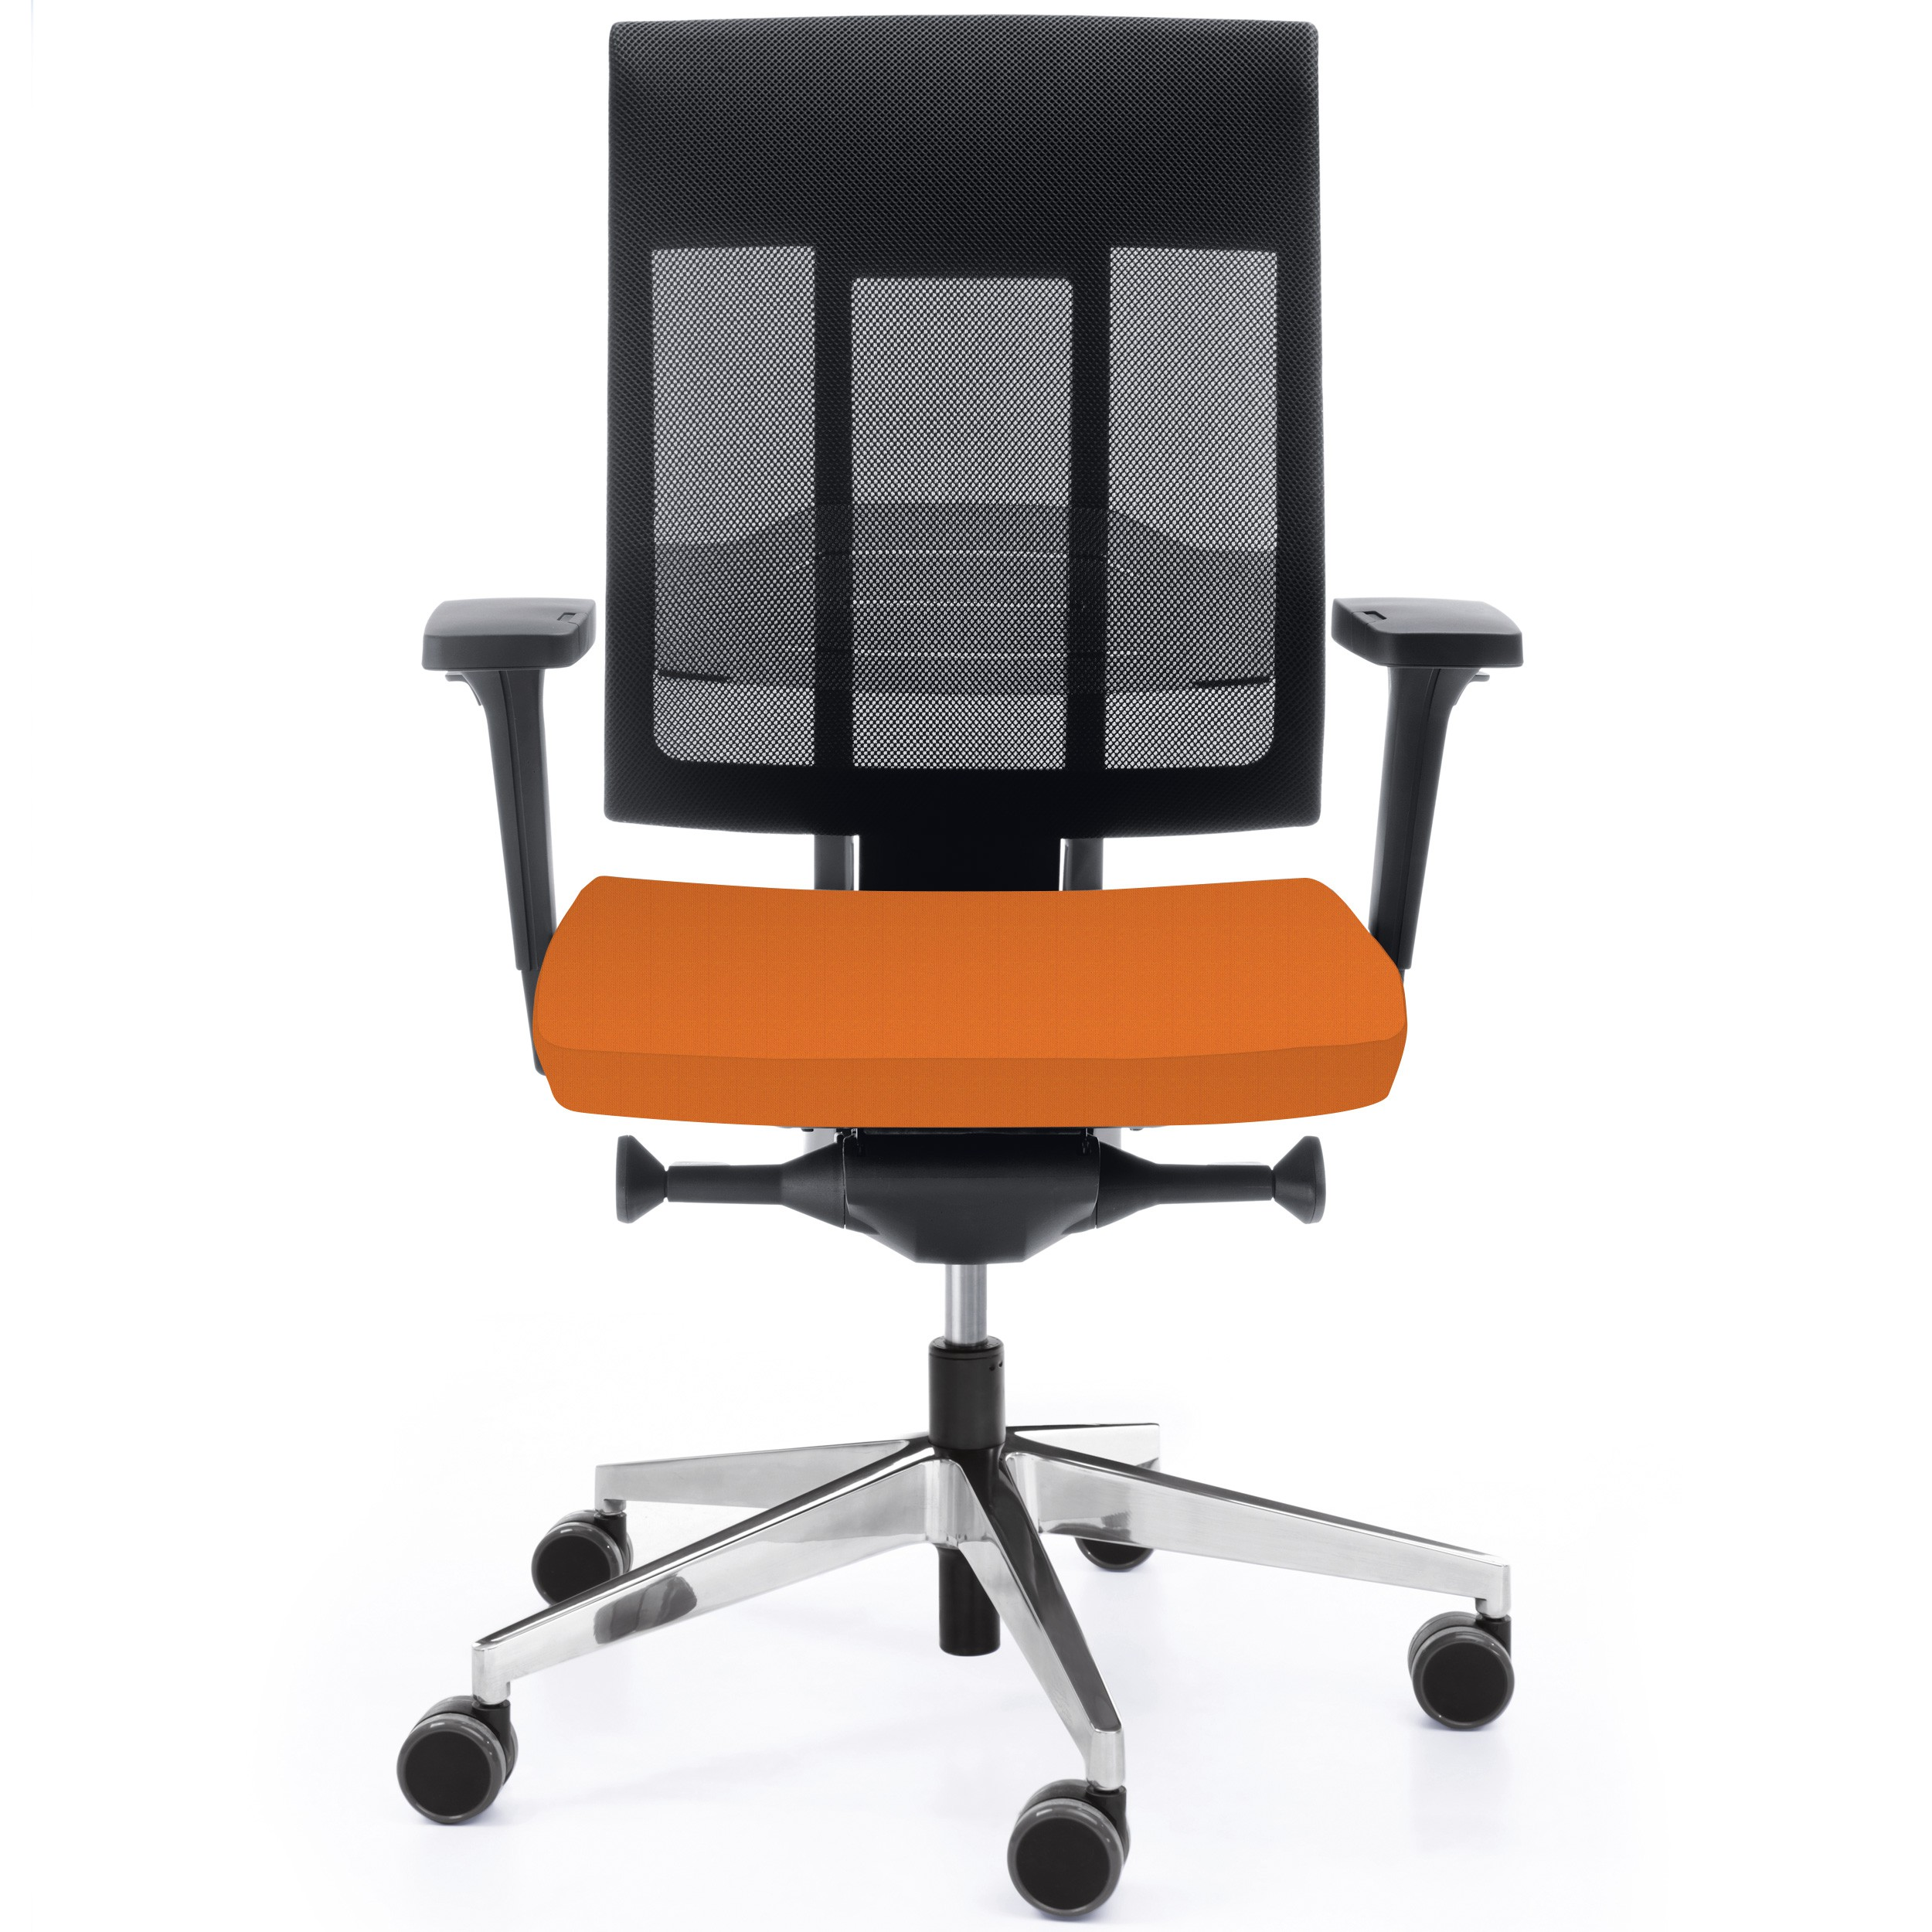 profim Drehstuhl Xenon - Farbe und Ausstattung wählbar - Büro Stuhl